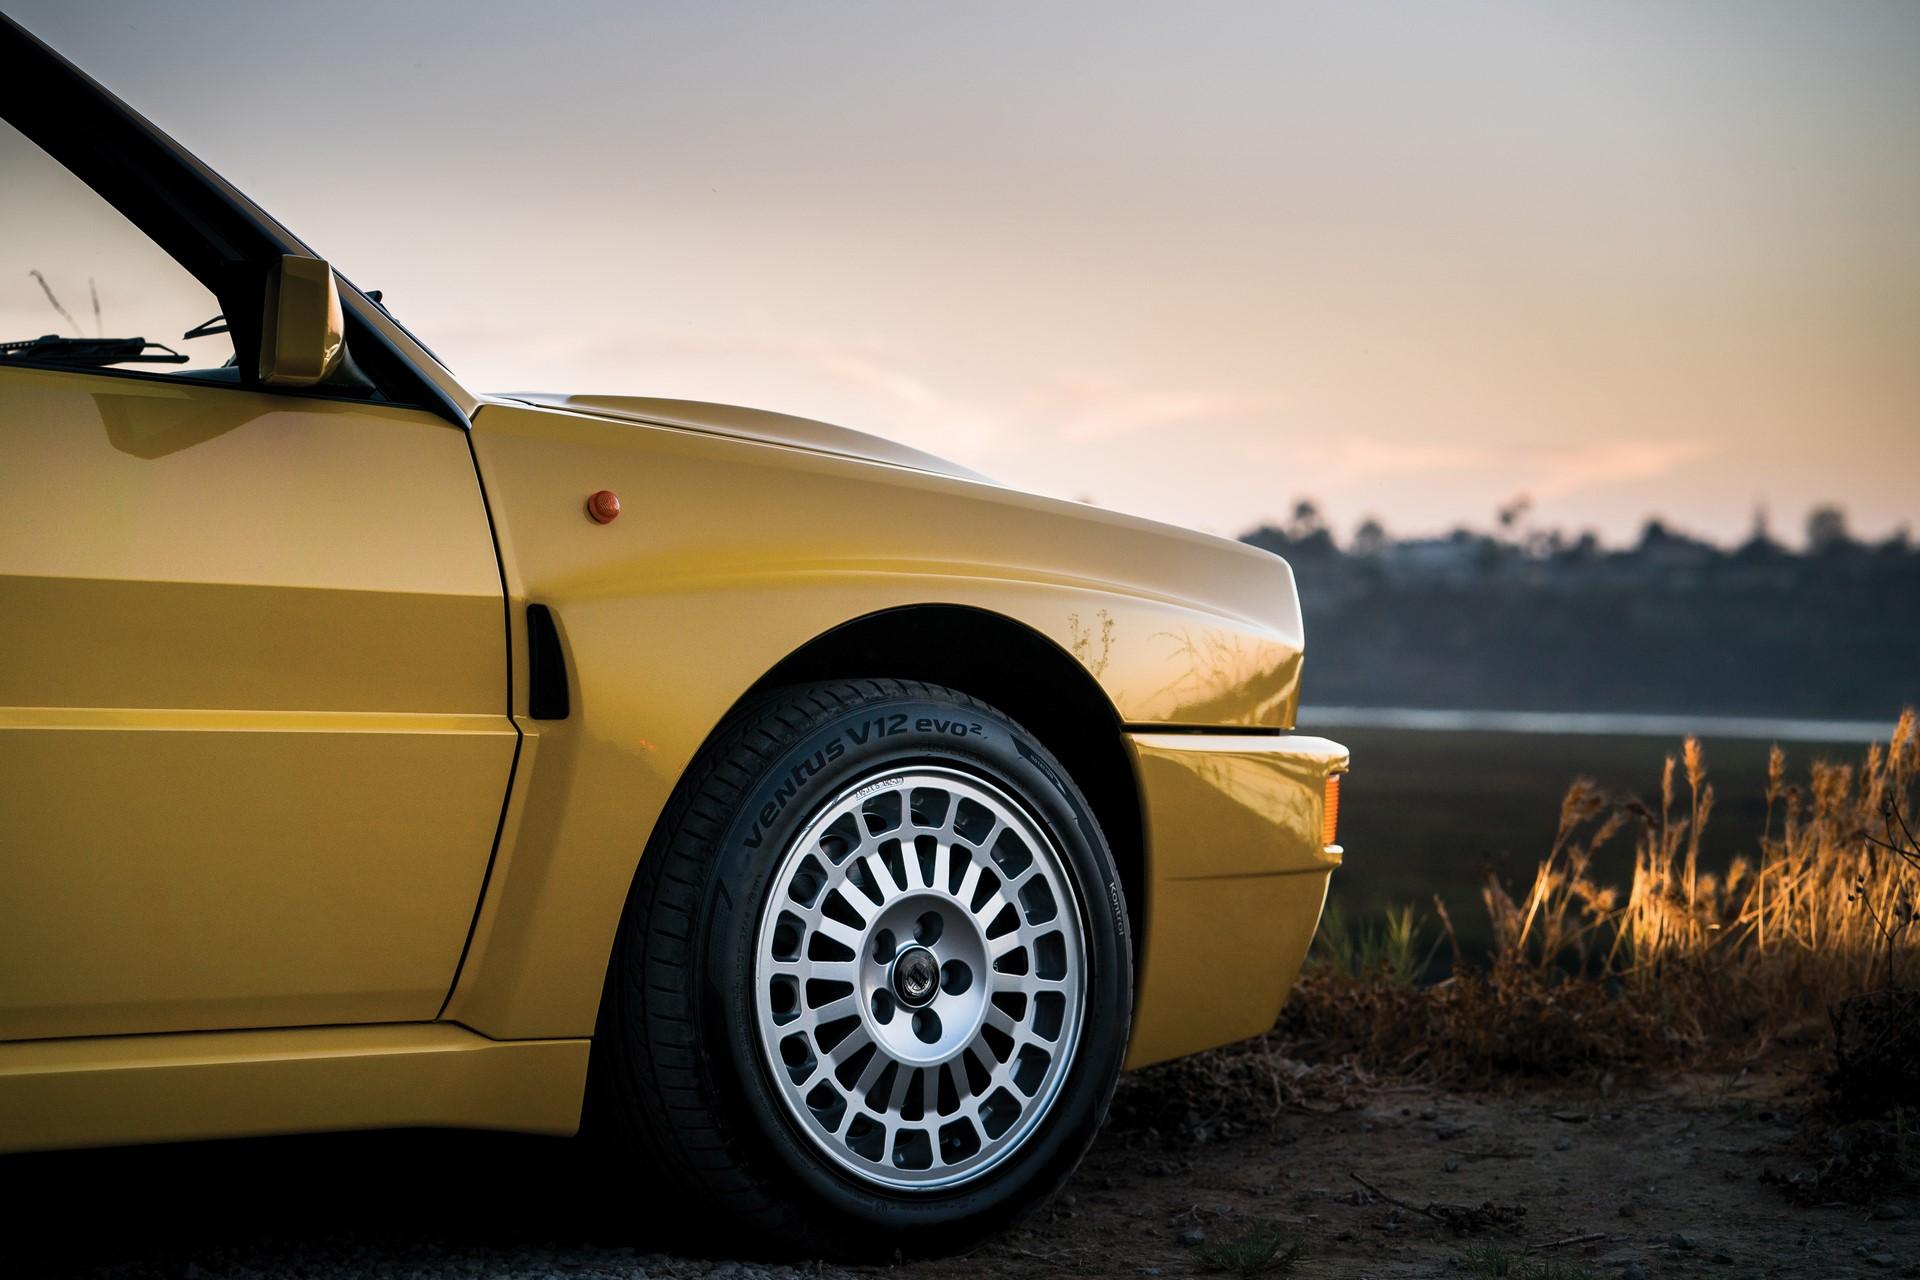 Lancia Delta HF Integrale Evoluzione 1992 (15)